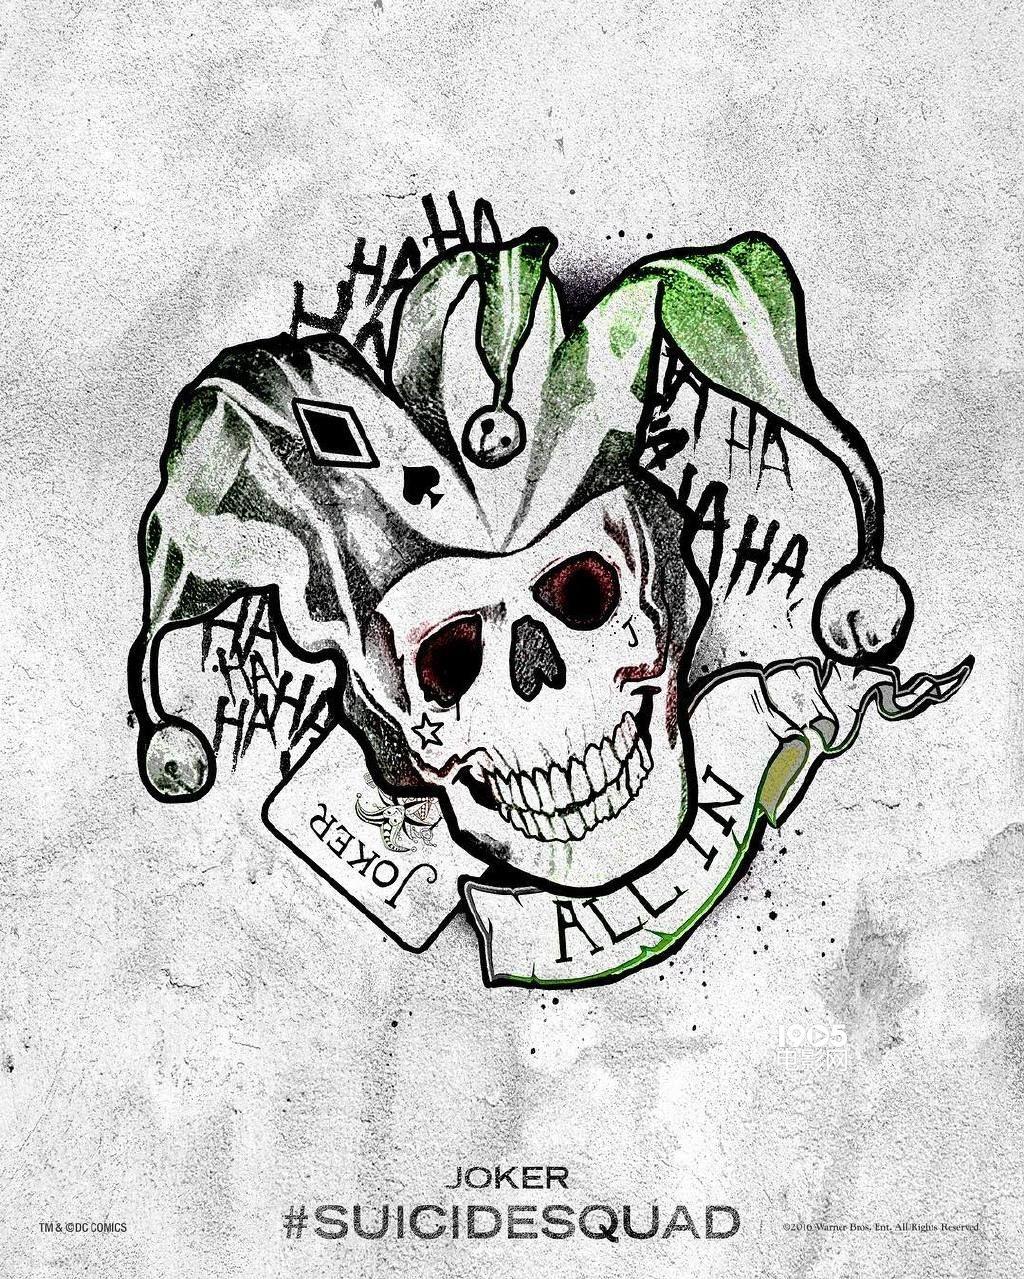 《x特遣队》发新海报 小丑女酷炫纹身版logo曝光图片